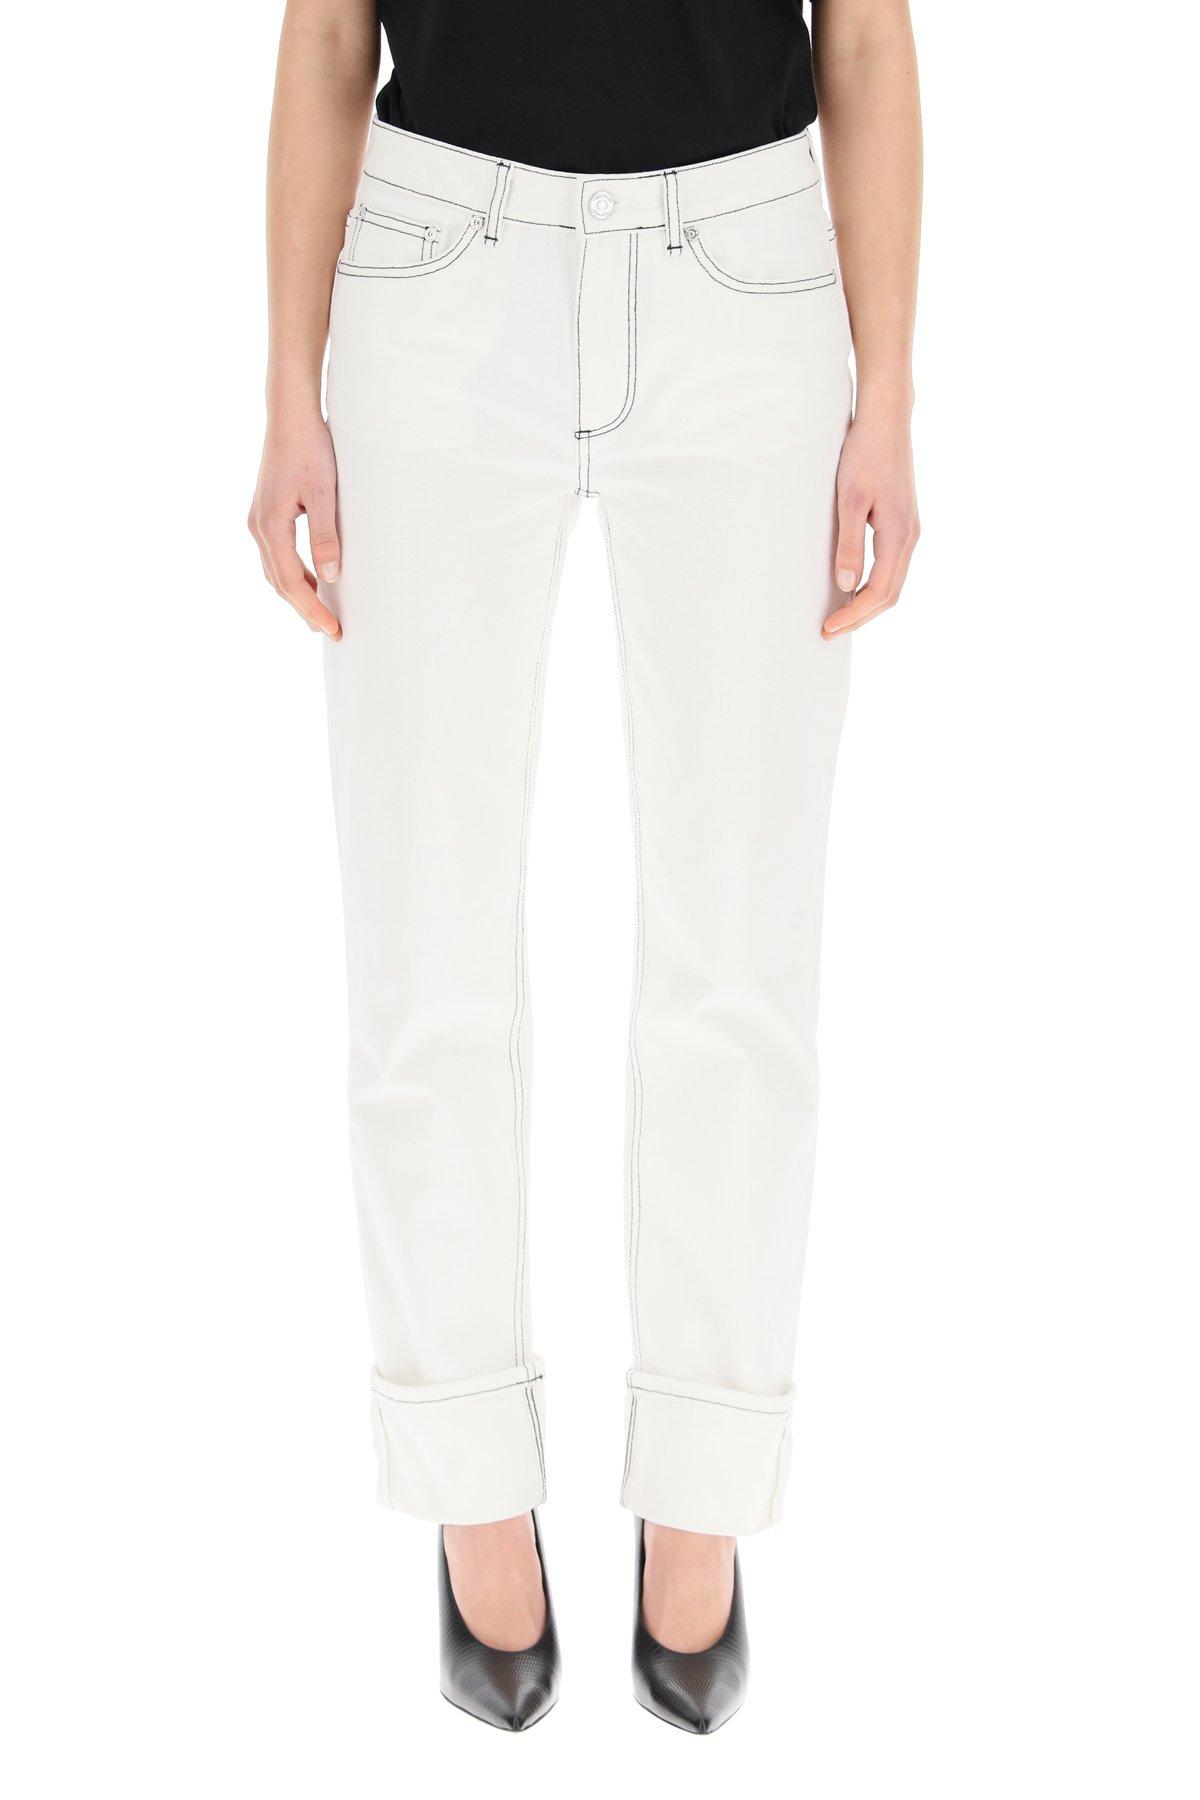 Burberry jeans con risvolto marissa